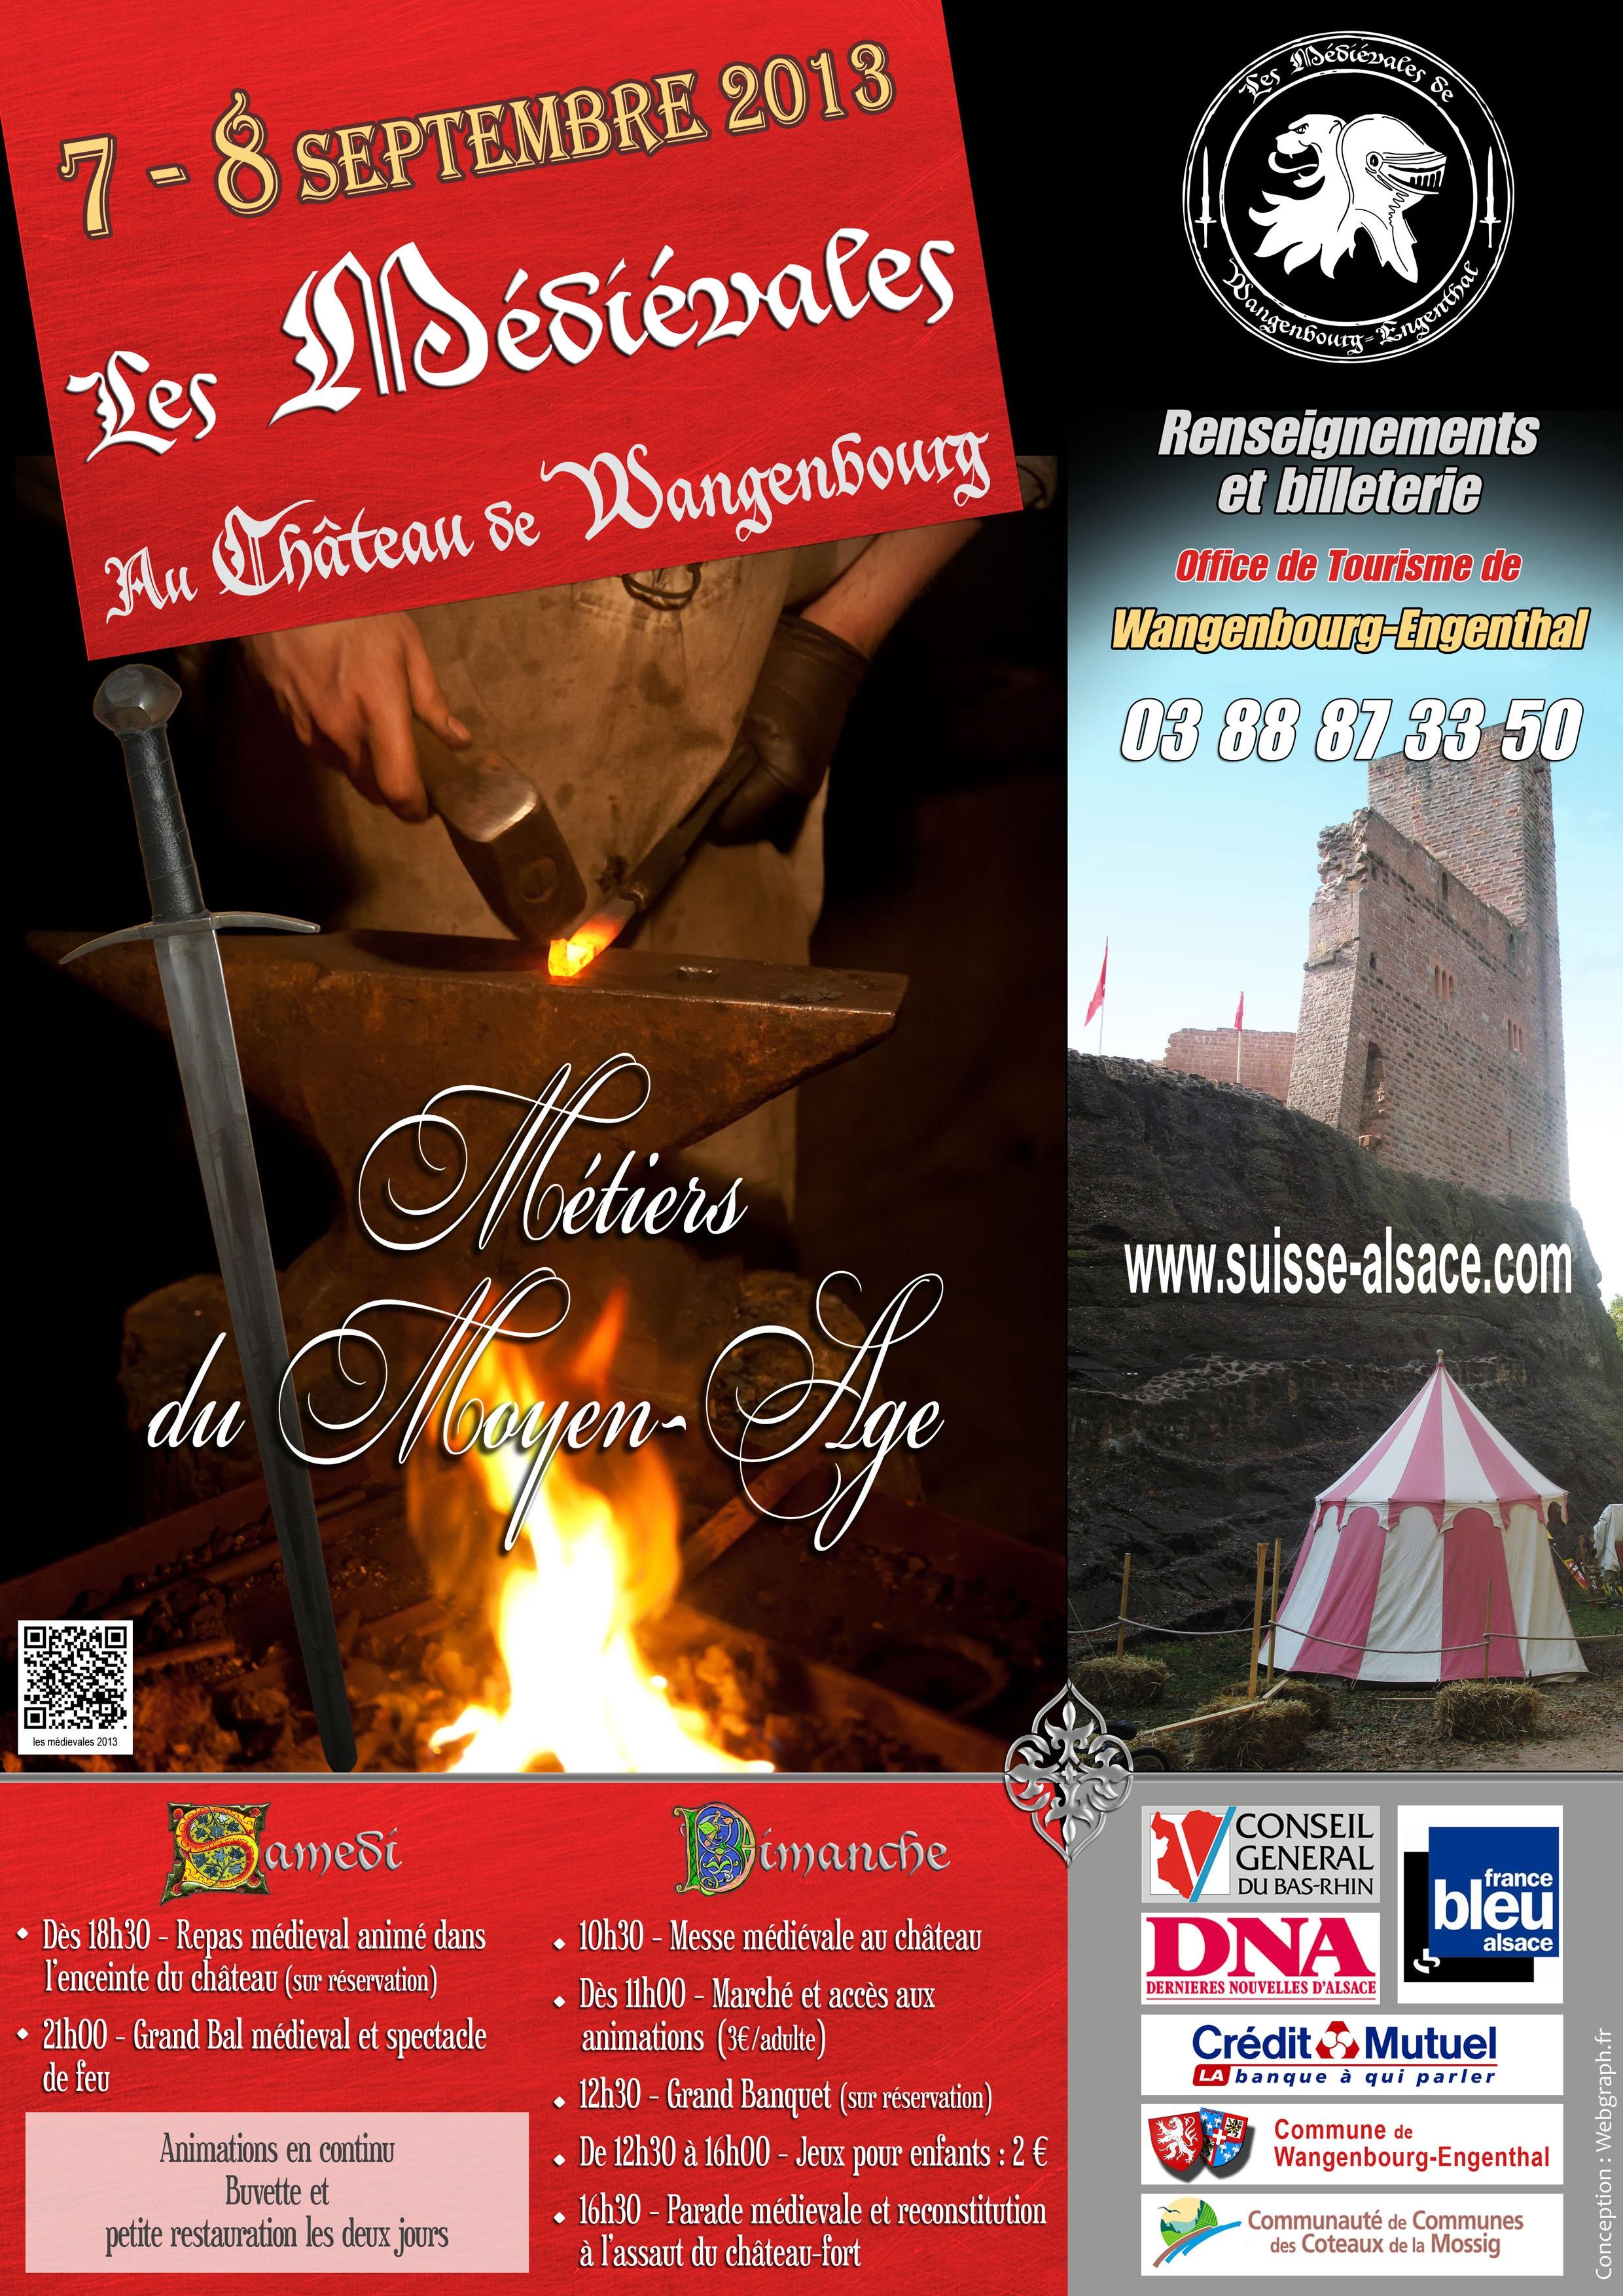 Les m di vales wangenbourg engenthal 3 me edition sur le - Wangenbourg engenthal office tourisme ...